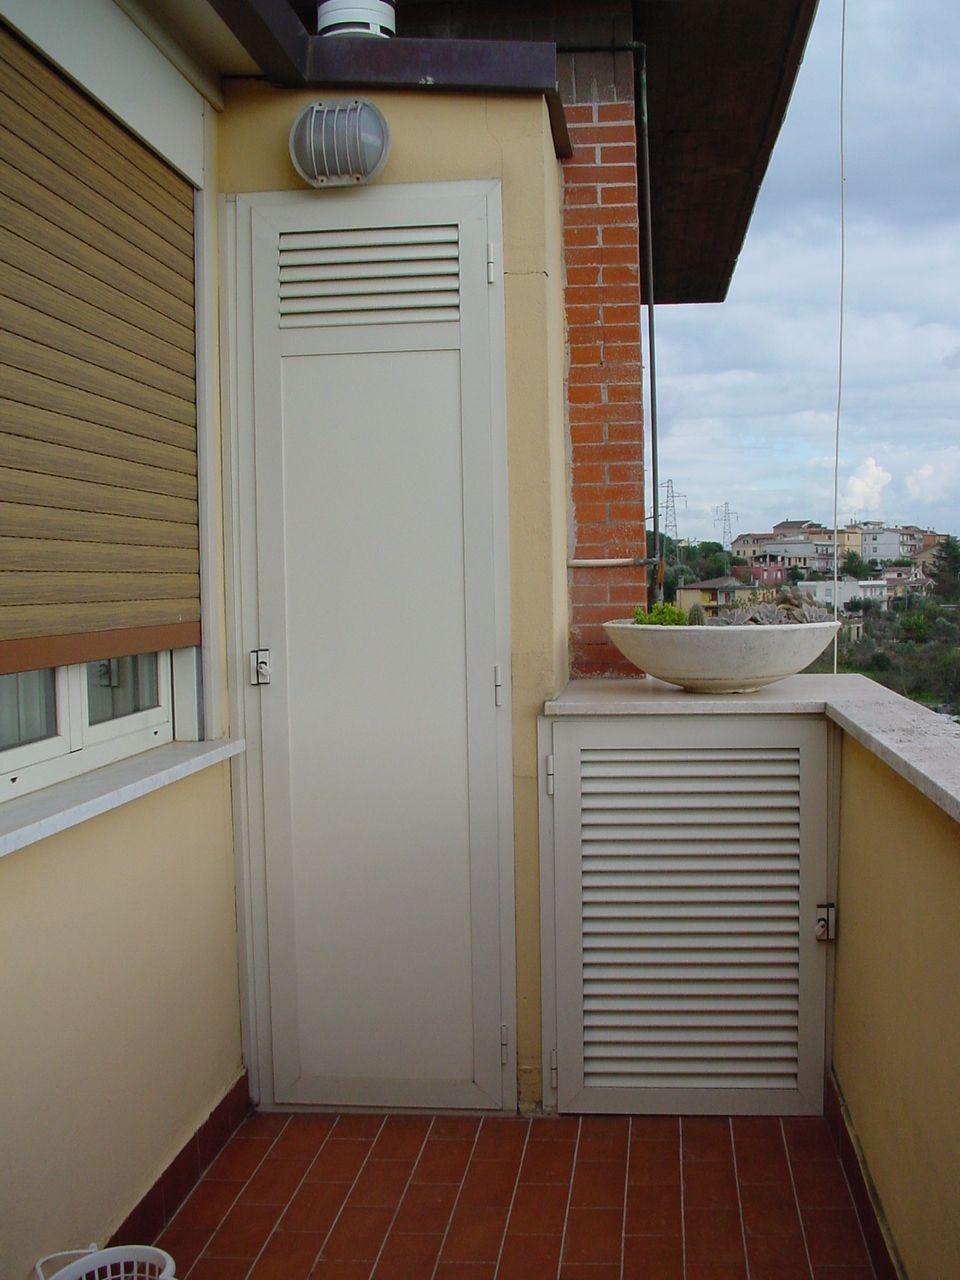 Armadio da balcone con pannello i bachelite e ventilazione arredo pinterest - Armadi da balcone ikea ...